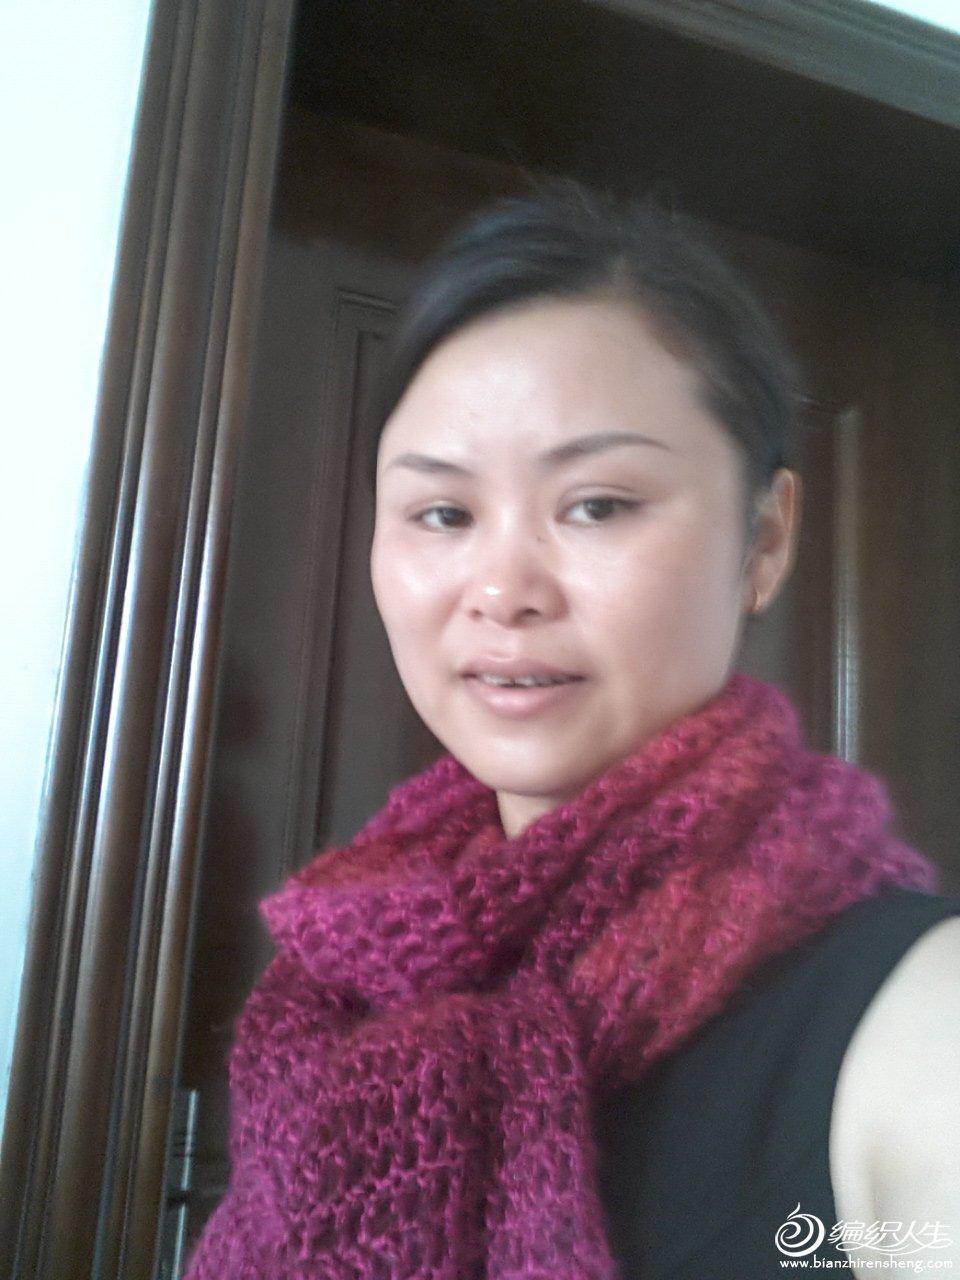 20121010_123847.jpg